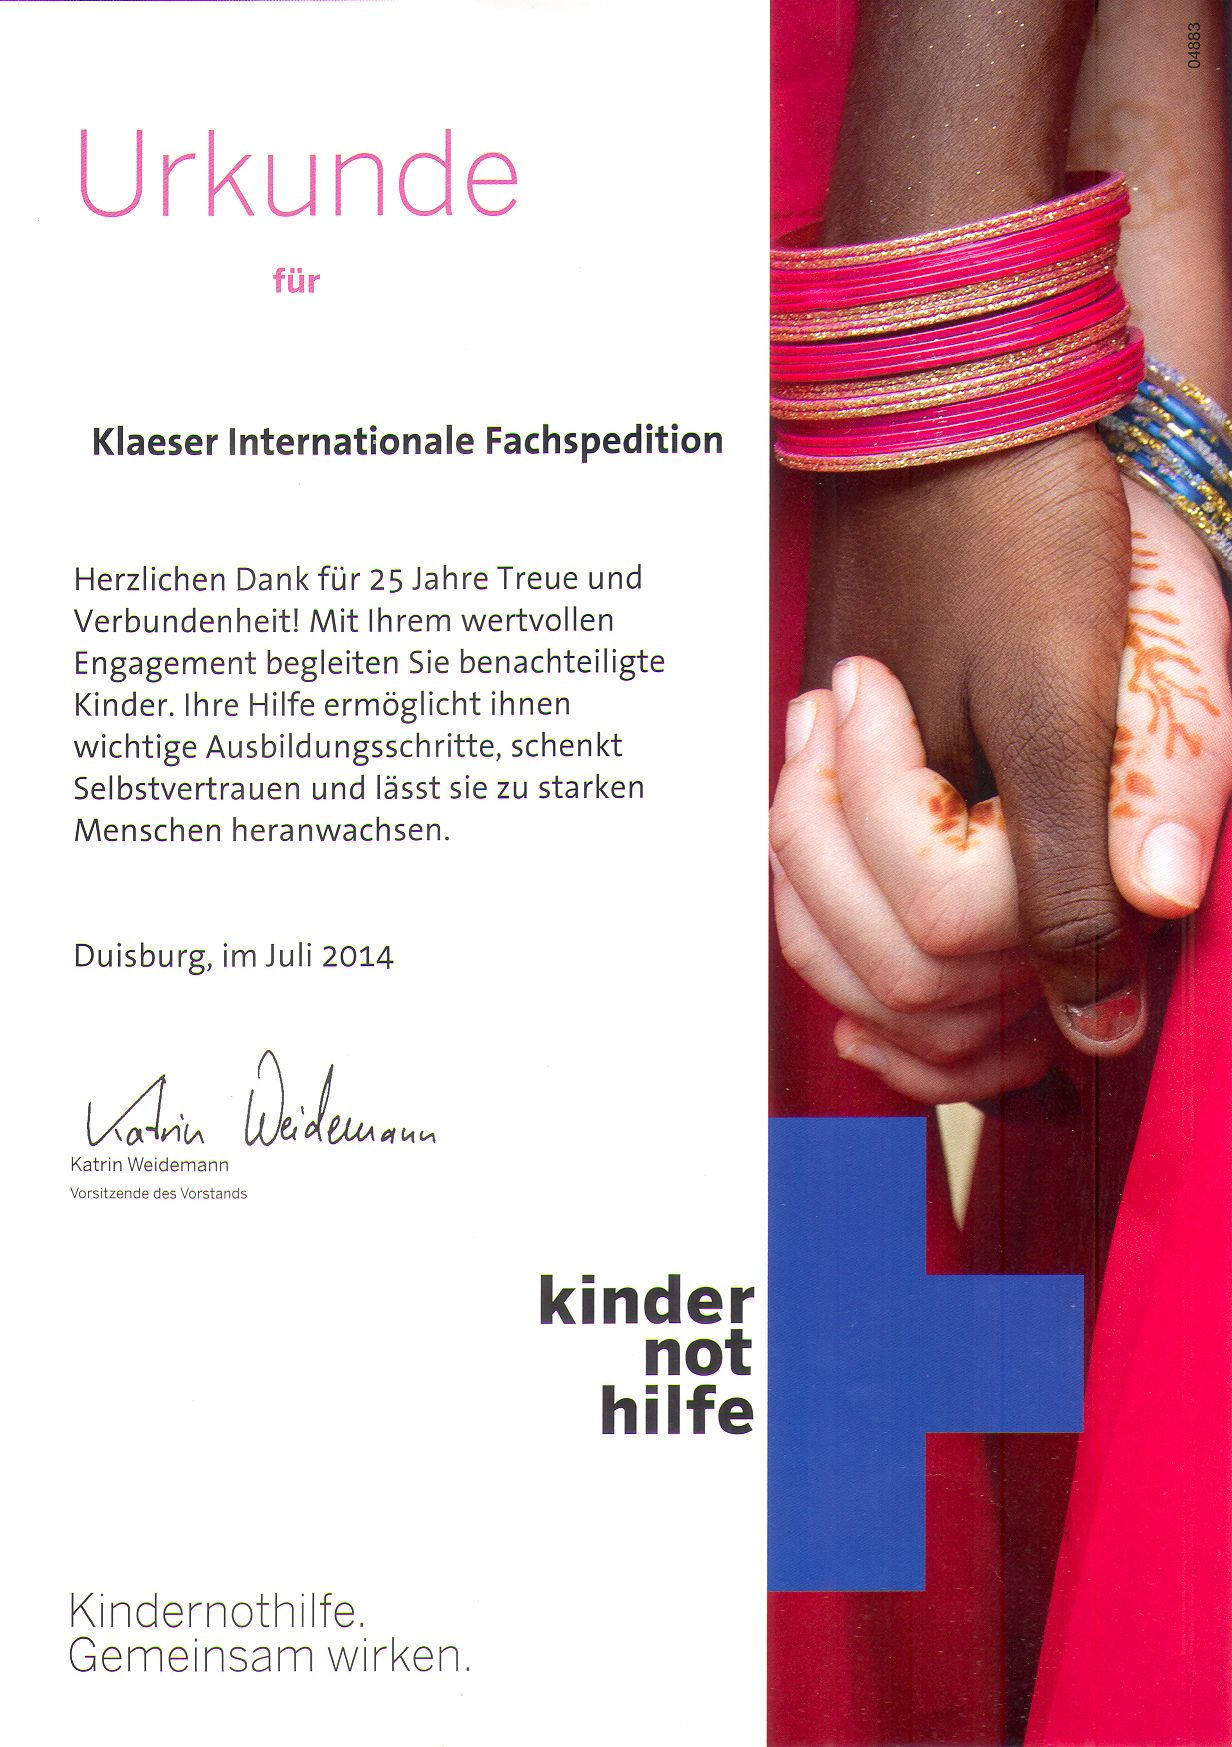 Kindernothilfe - Urkunde 25J_Unterstuetzung